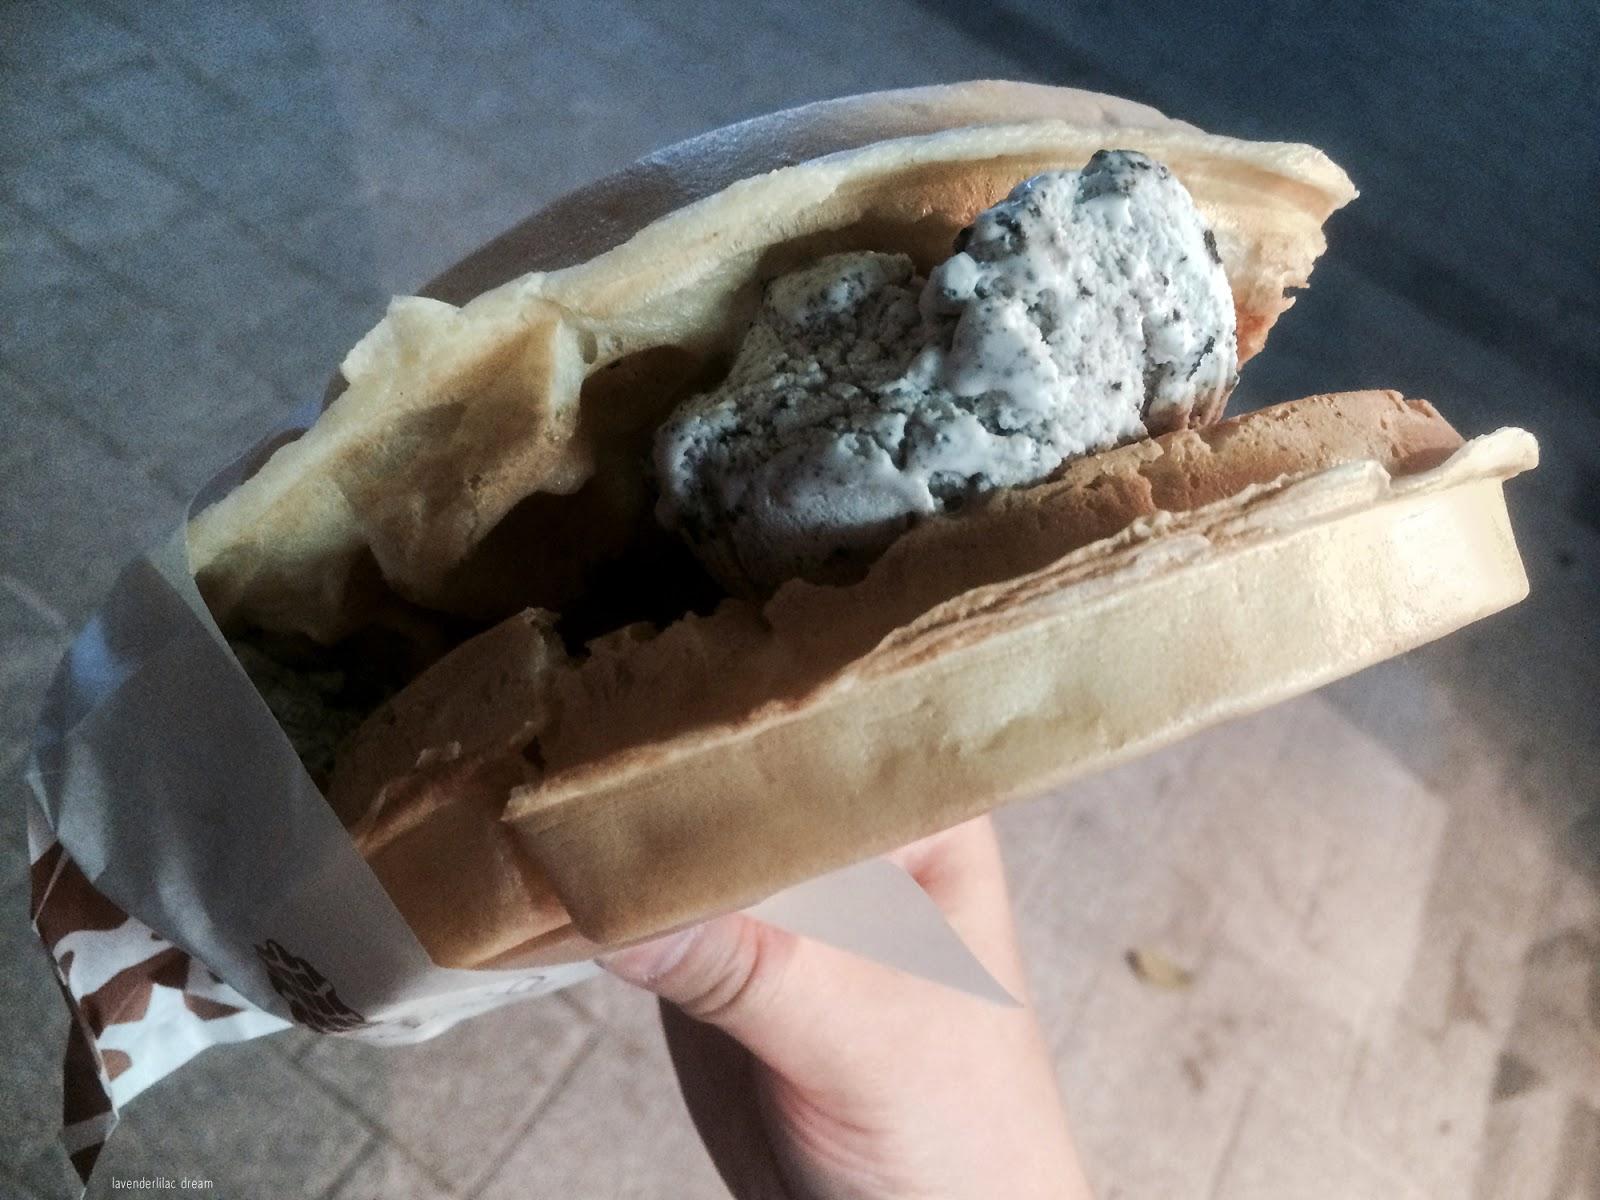 South Korea, Seoul Sinchon, Yonsei University, YISS 2014, Wangffle stand, Waffle and ice cream